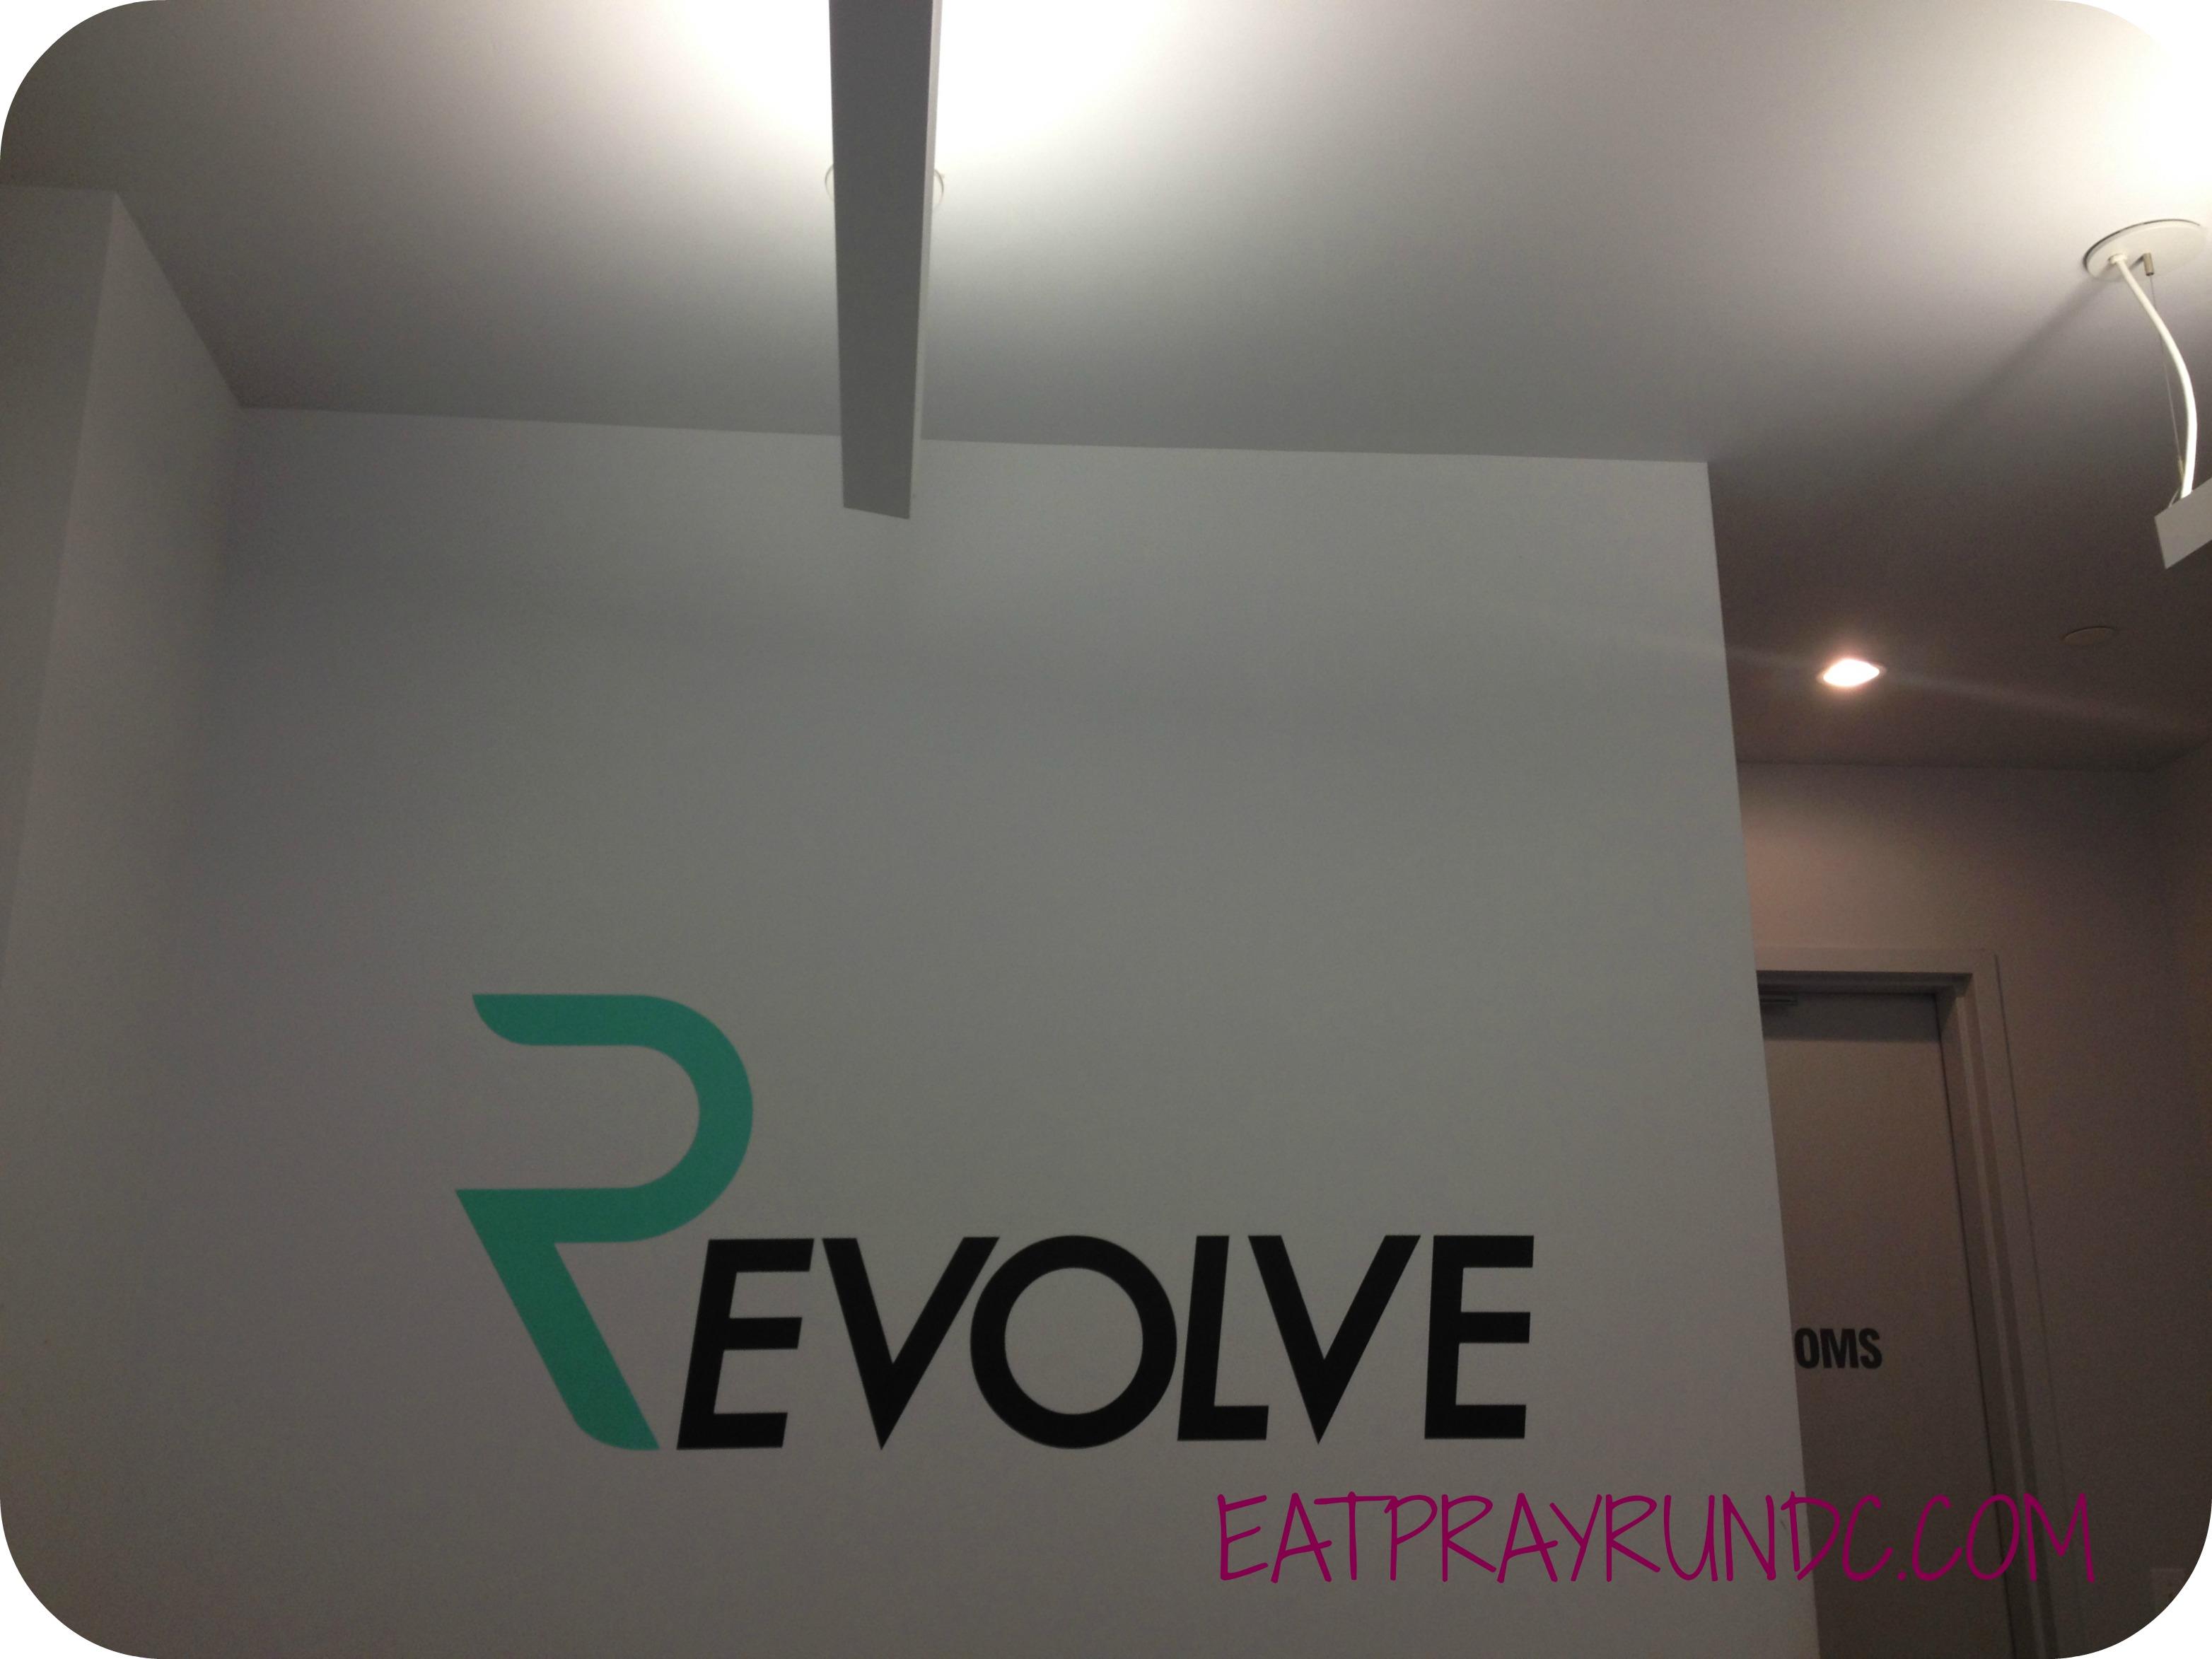 Revolve Spin Studio